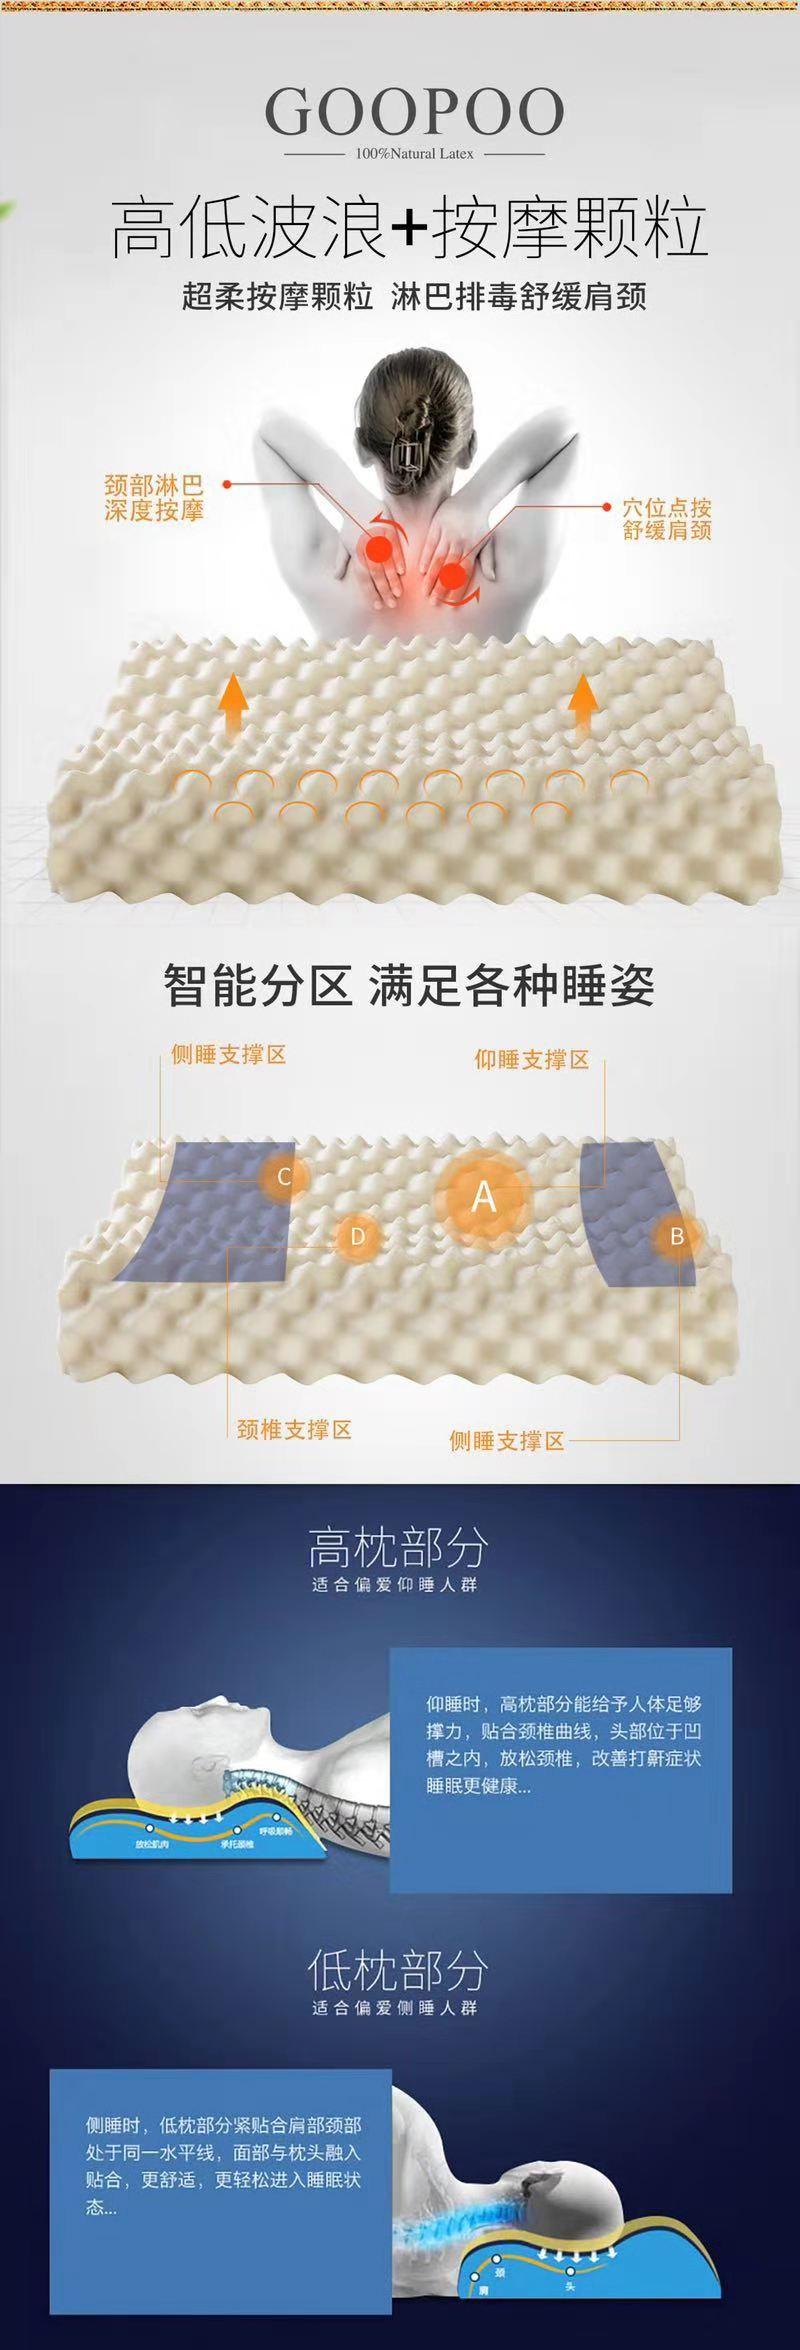 嗨团GOOPOO泰国天然乳胶枕30-10.jpg